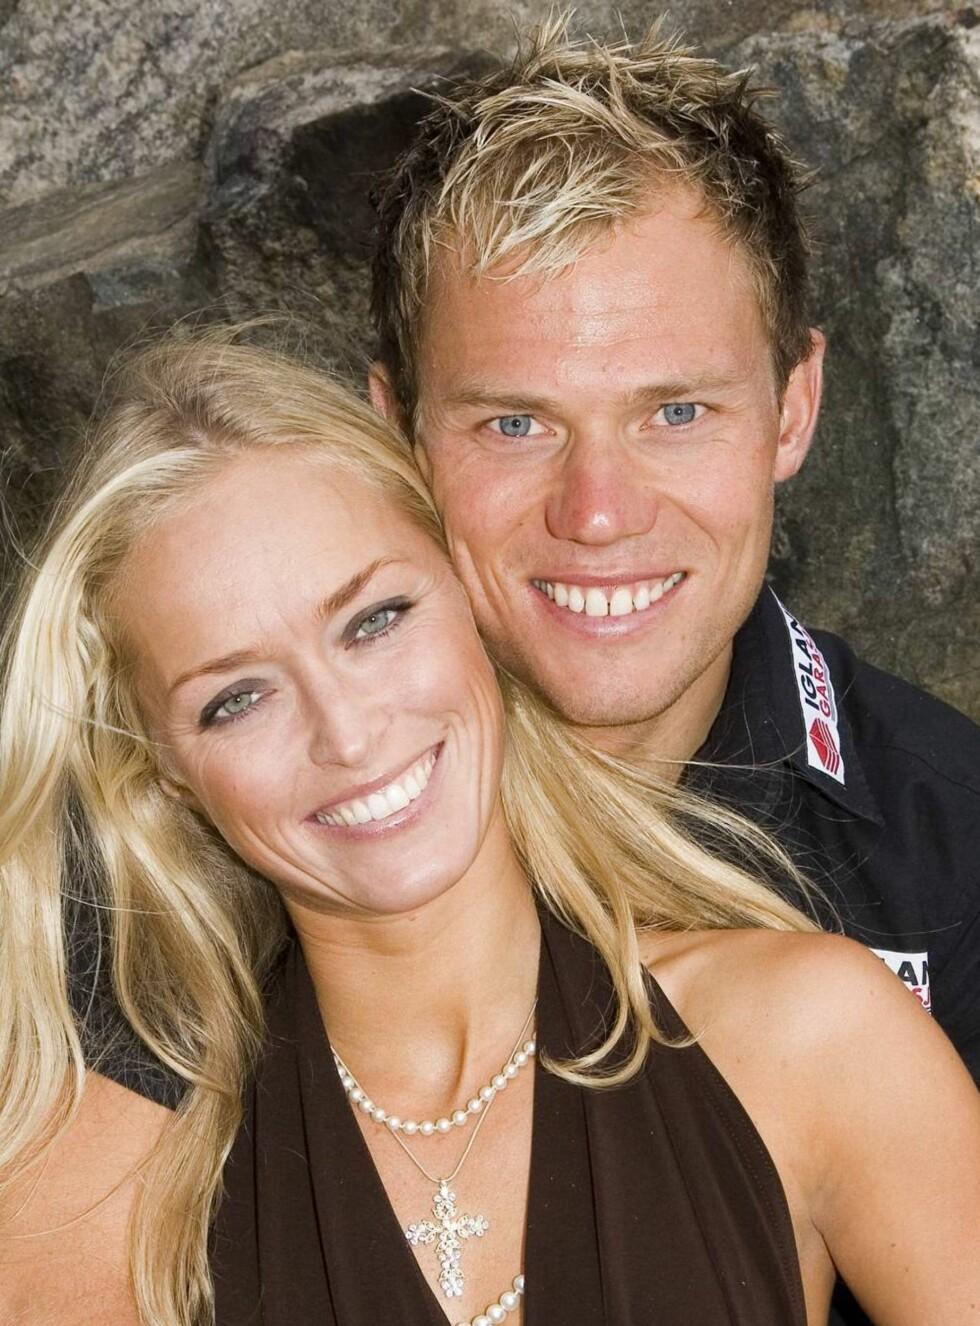 PÅ FLYTTEFOT: Thor Hushovd og kjæresten Susanne blir naboer med Schumacher i Sveits Foto: Tor Lindseth, Se og Hør